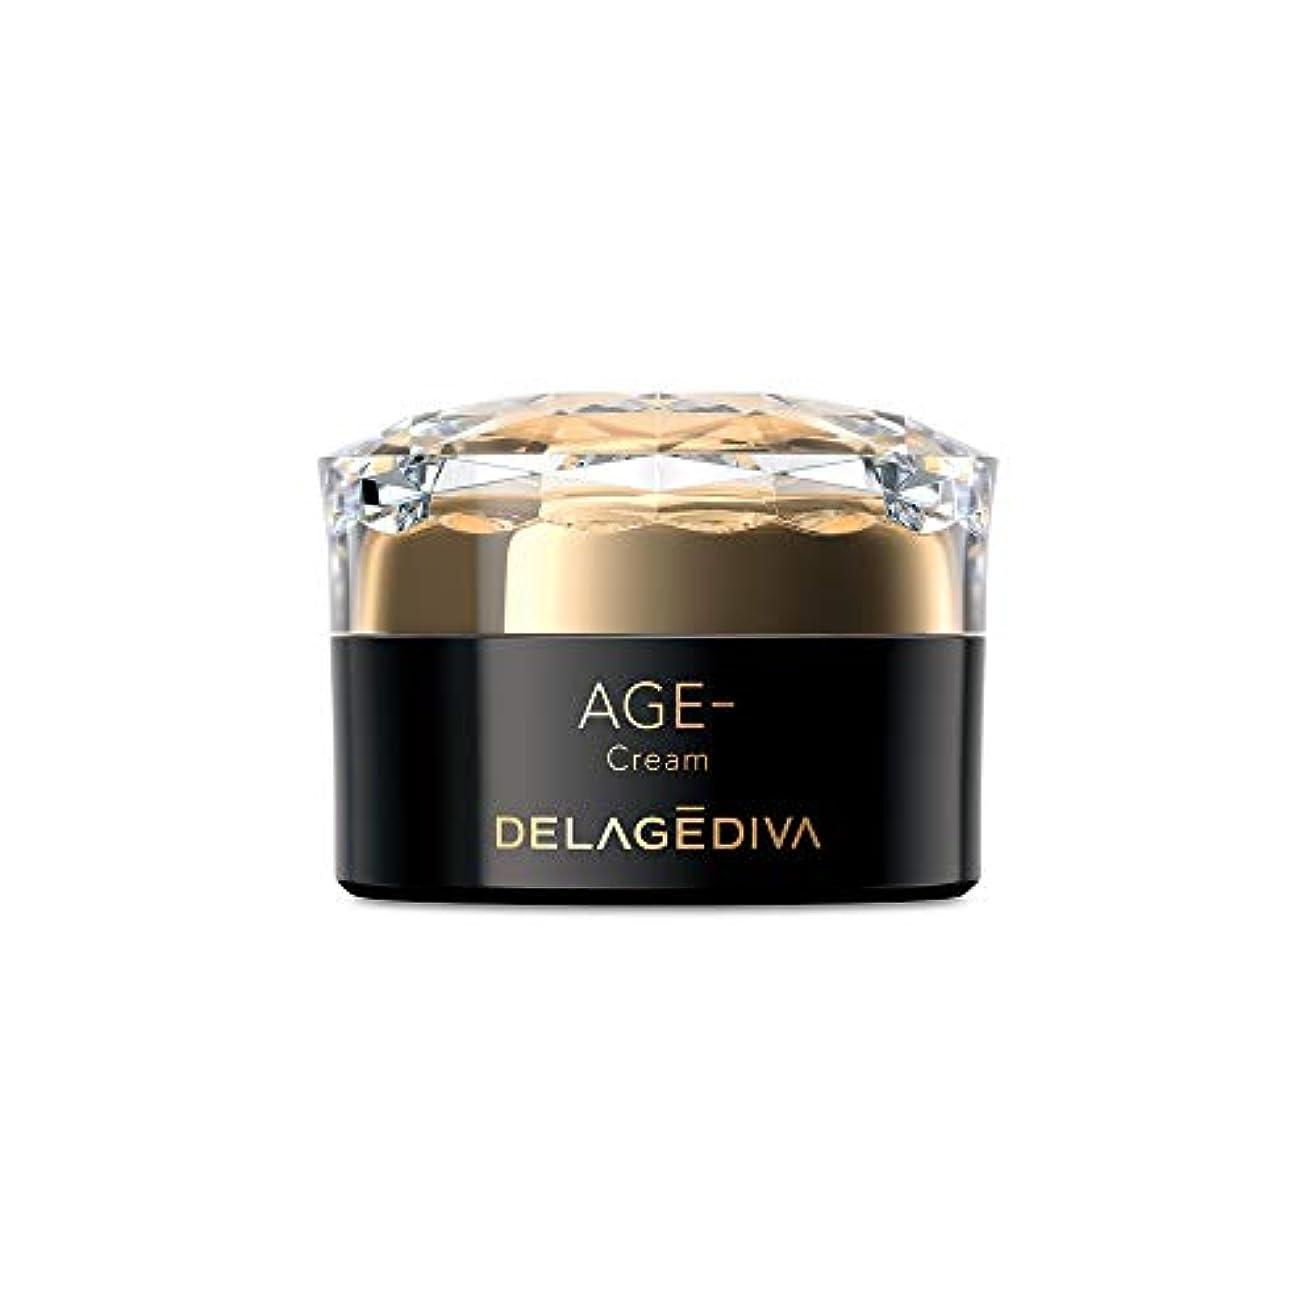 マインドソフィーアナログDELAGEDIVA AGE- Cream